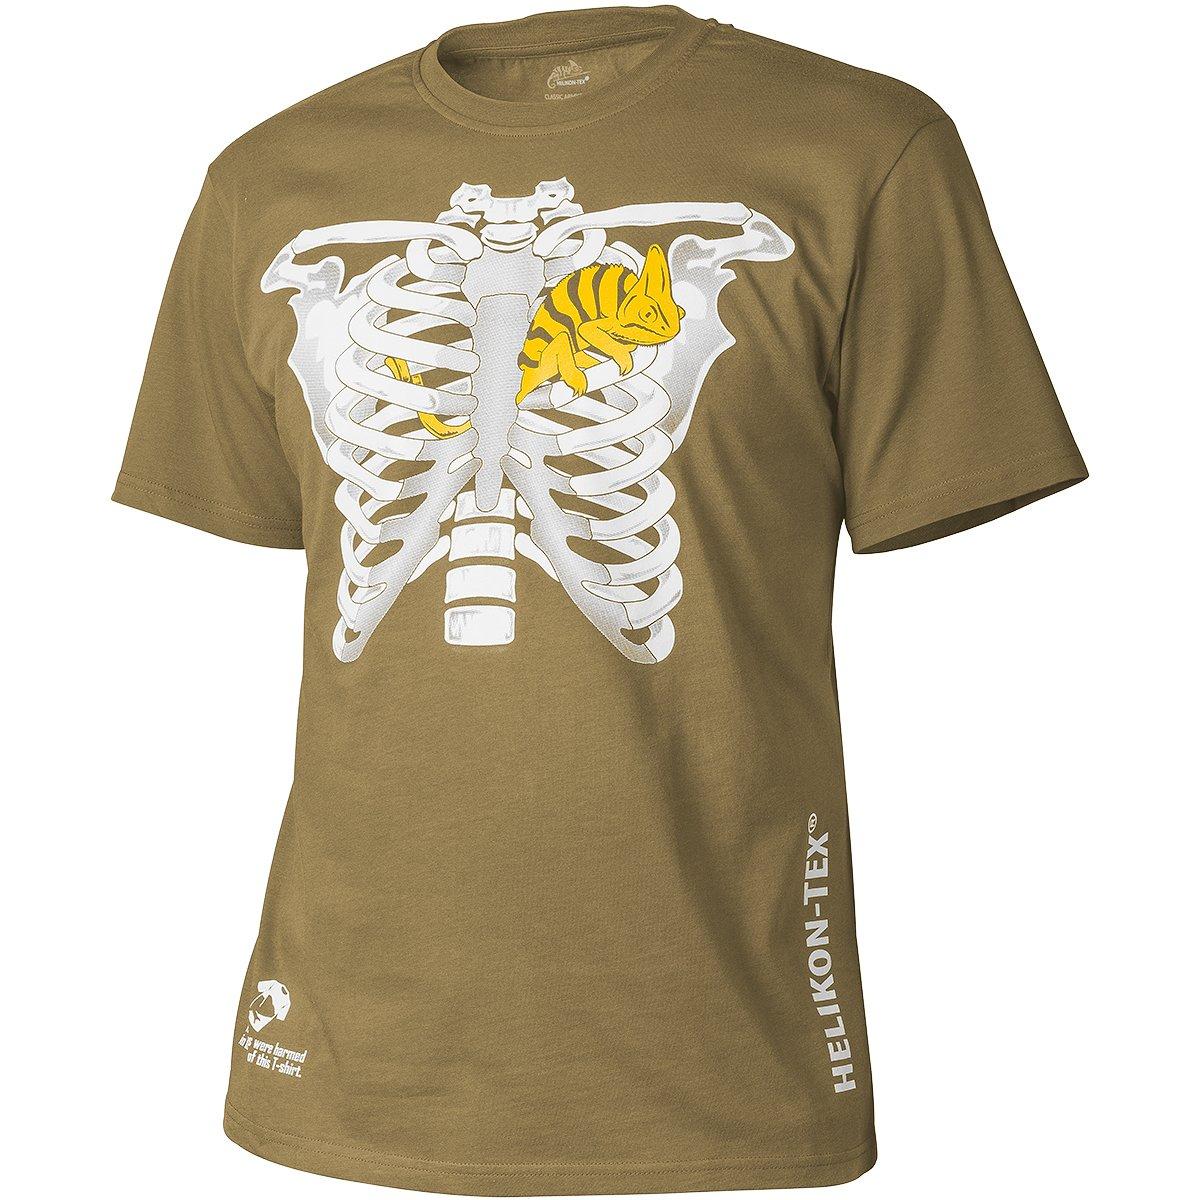 Helikon Hombres Chameleon in Thorax Camiseta Coyote: Amazon.es ...